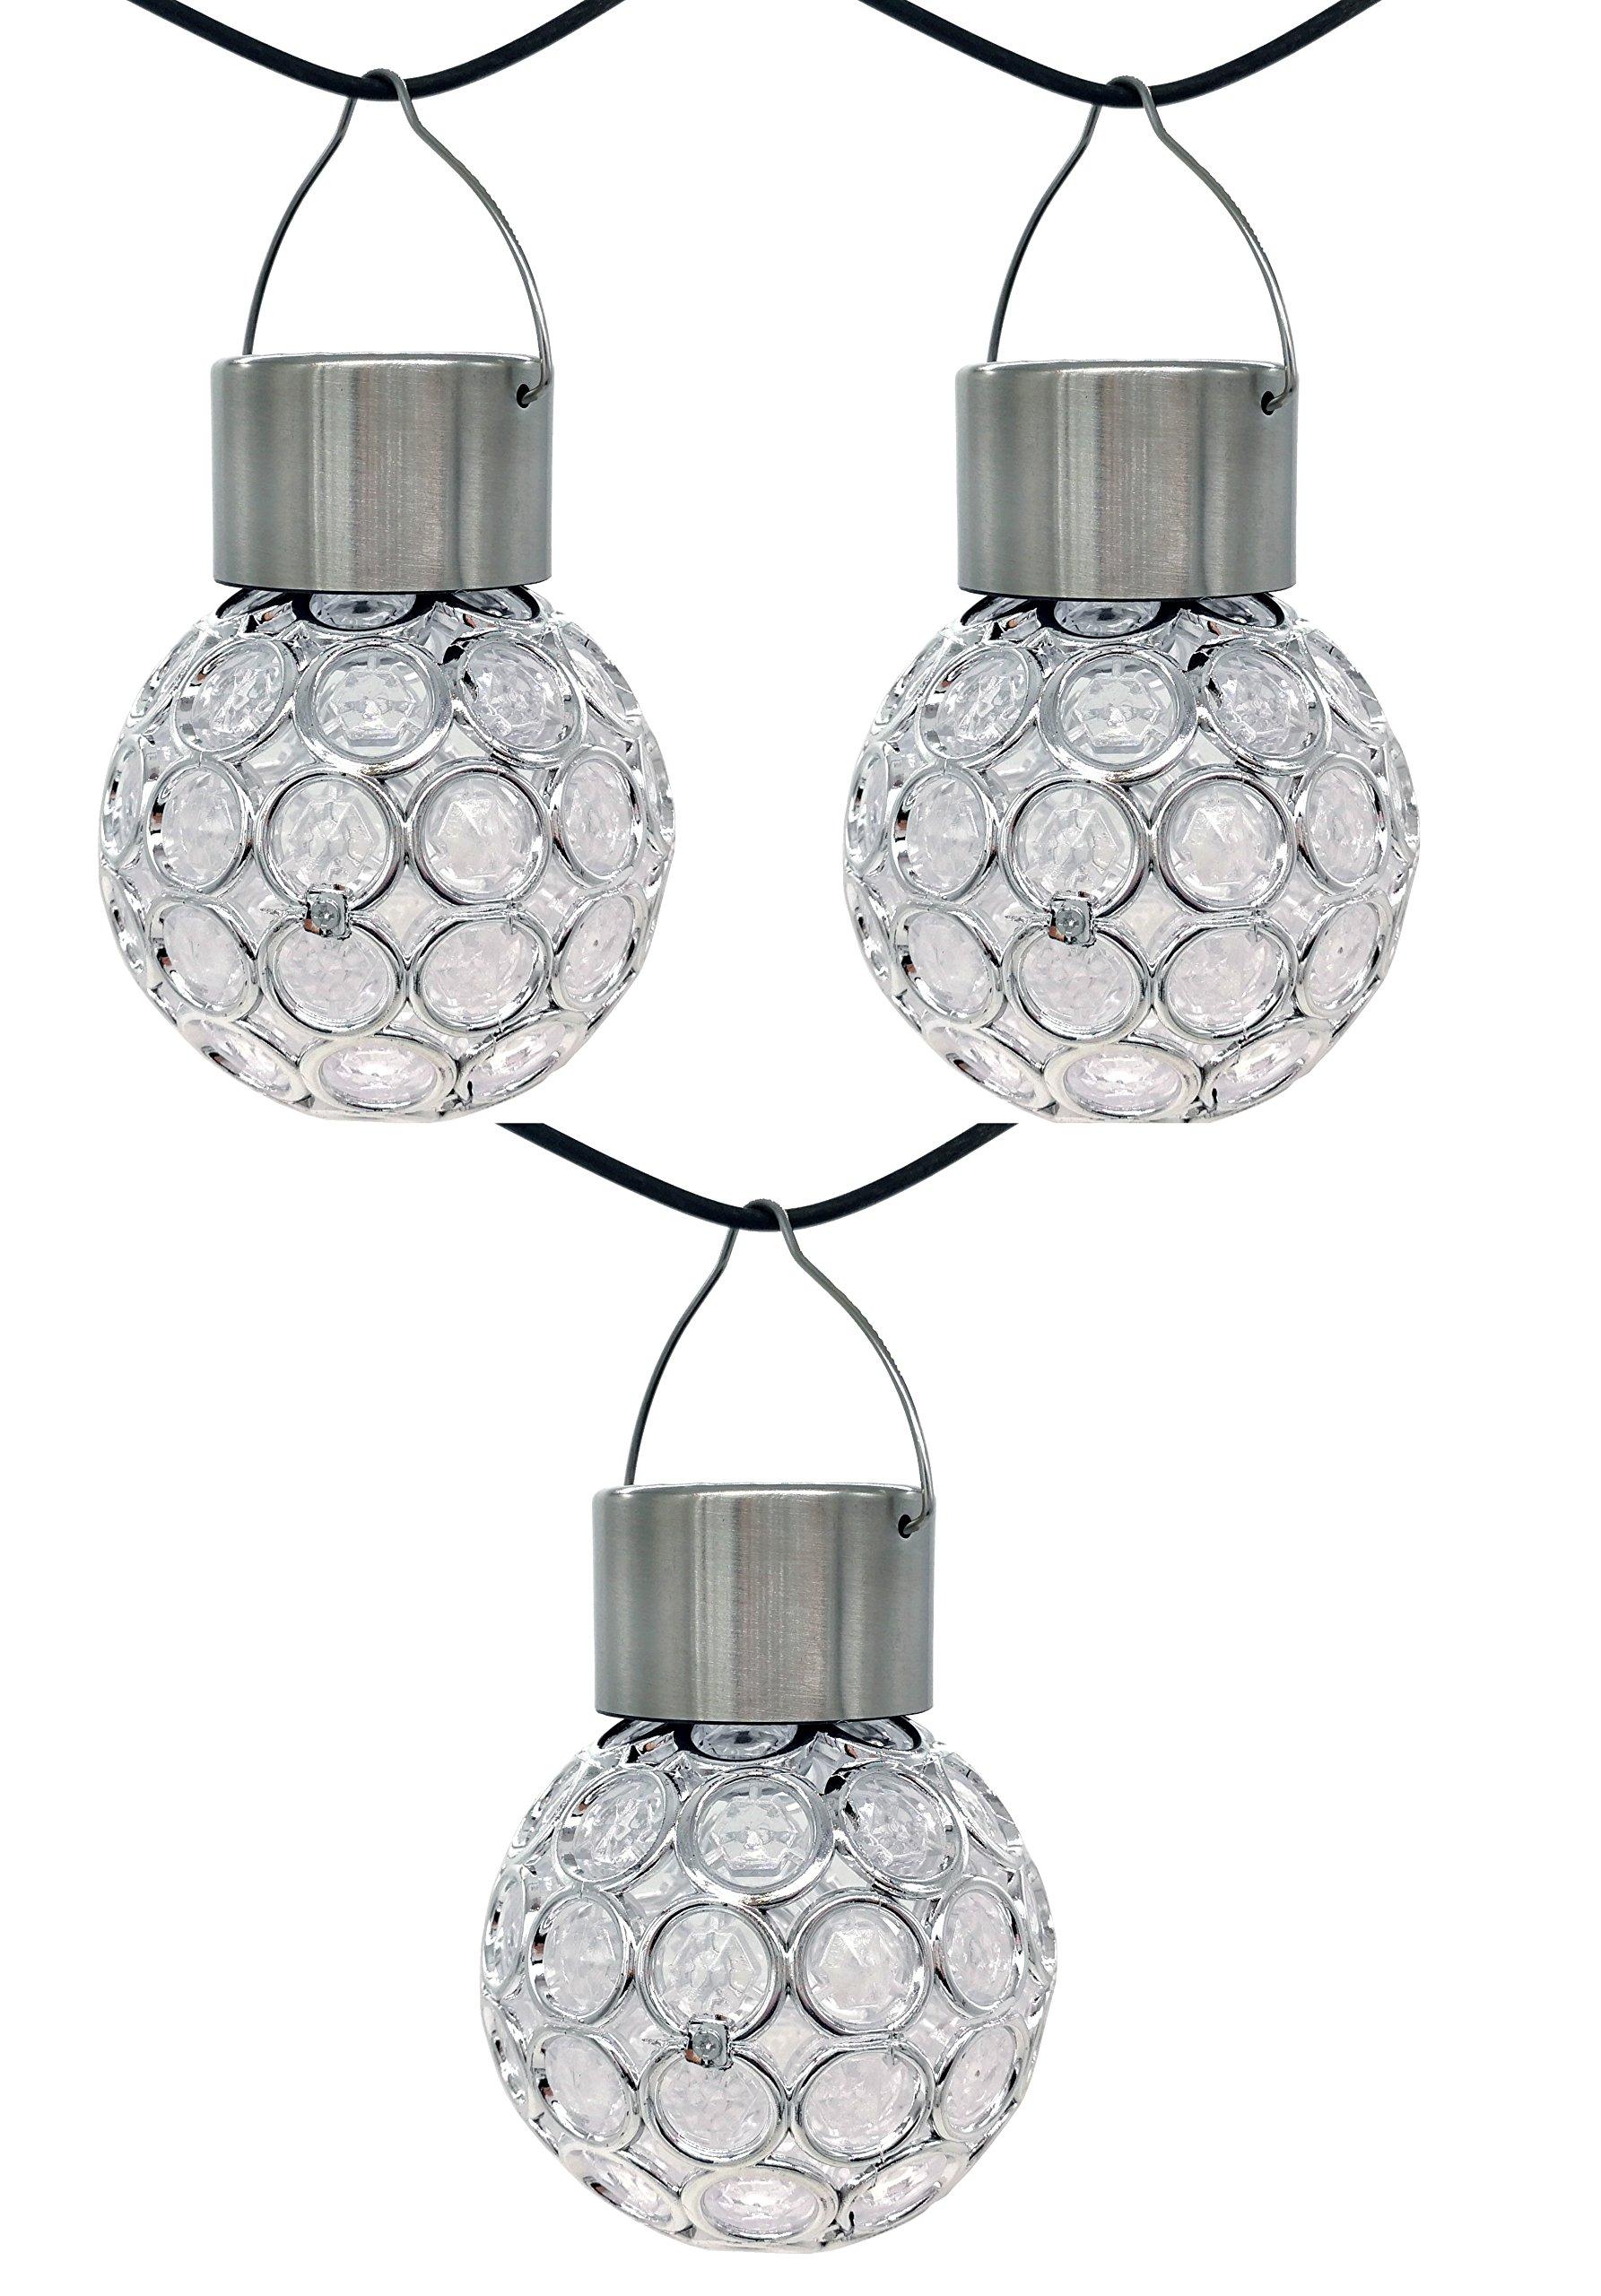 Elsse Solar Outdoor Stainless Globe Hanging Led Light Hanging Patio Lantern Ball Garden Landscape Solar Lamp - 3 Pack